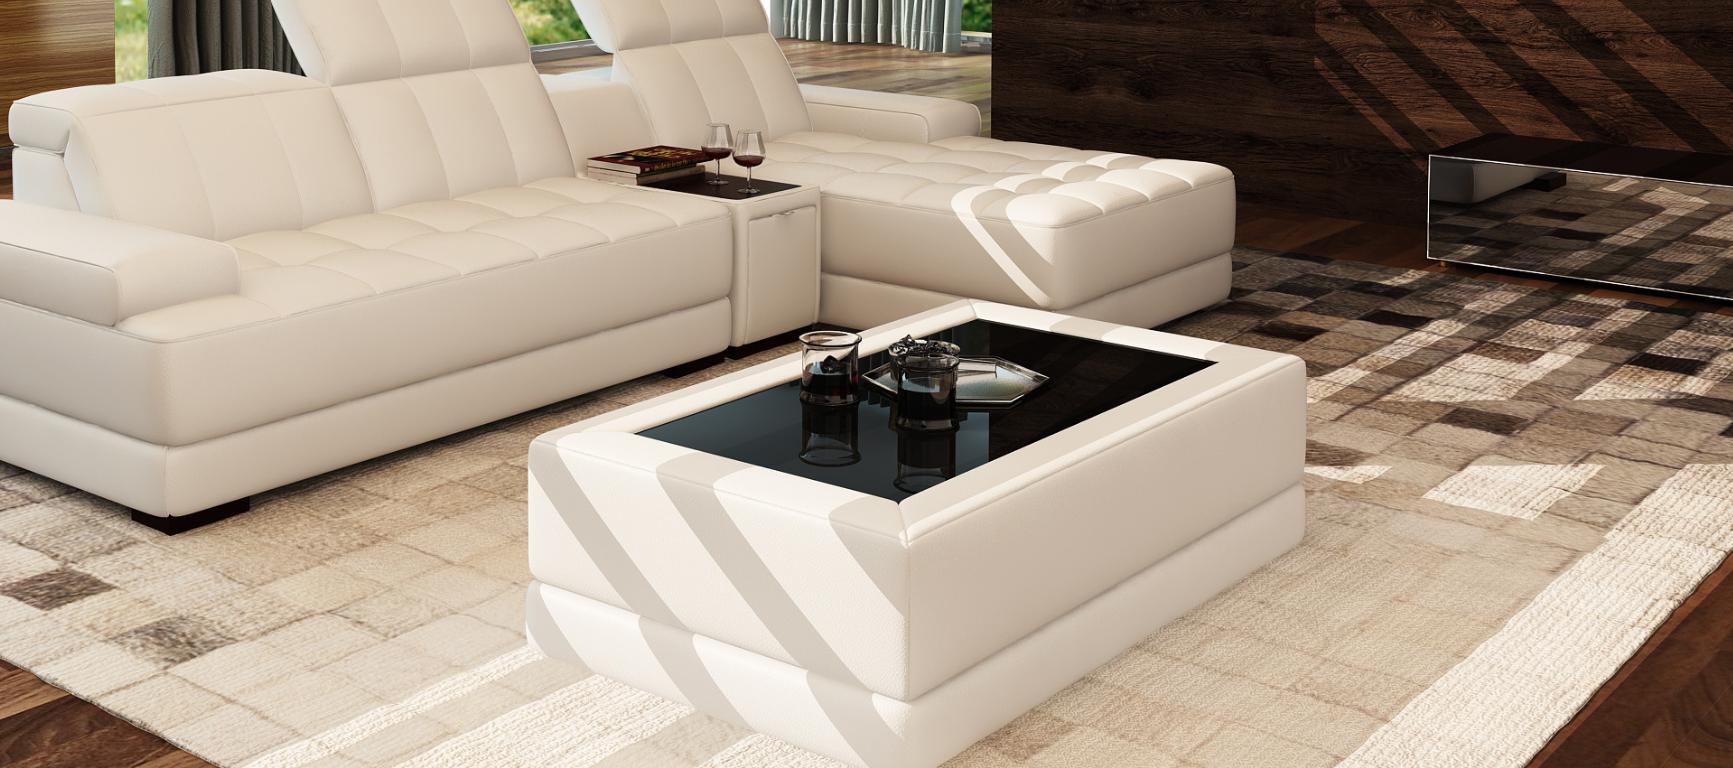 Moderner couchtisch designer tisch glastisch beistell sofa for Designer tische wohnzimmer